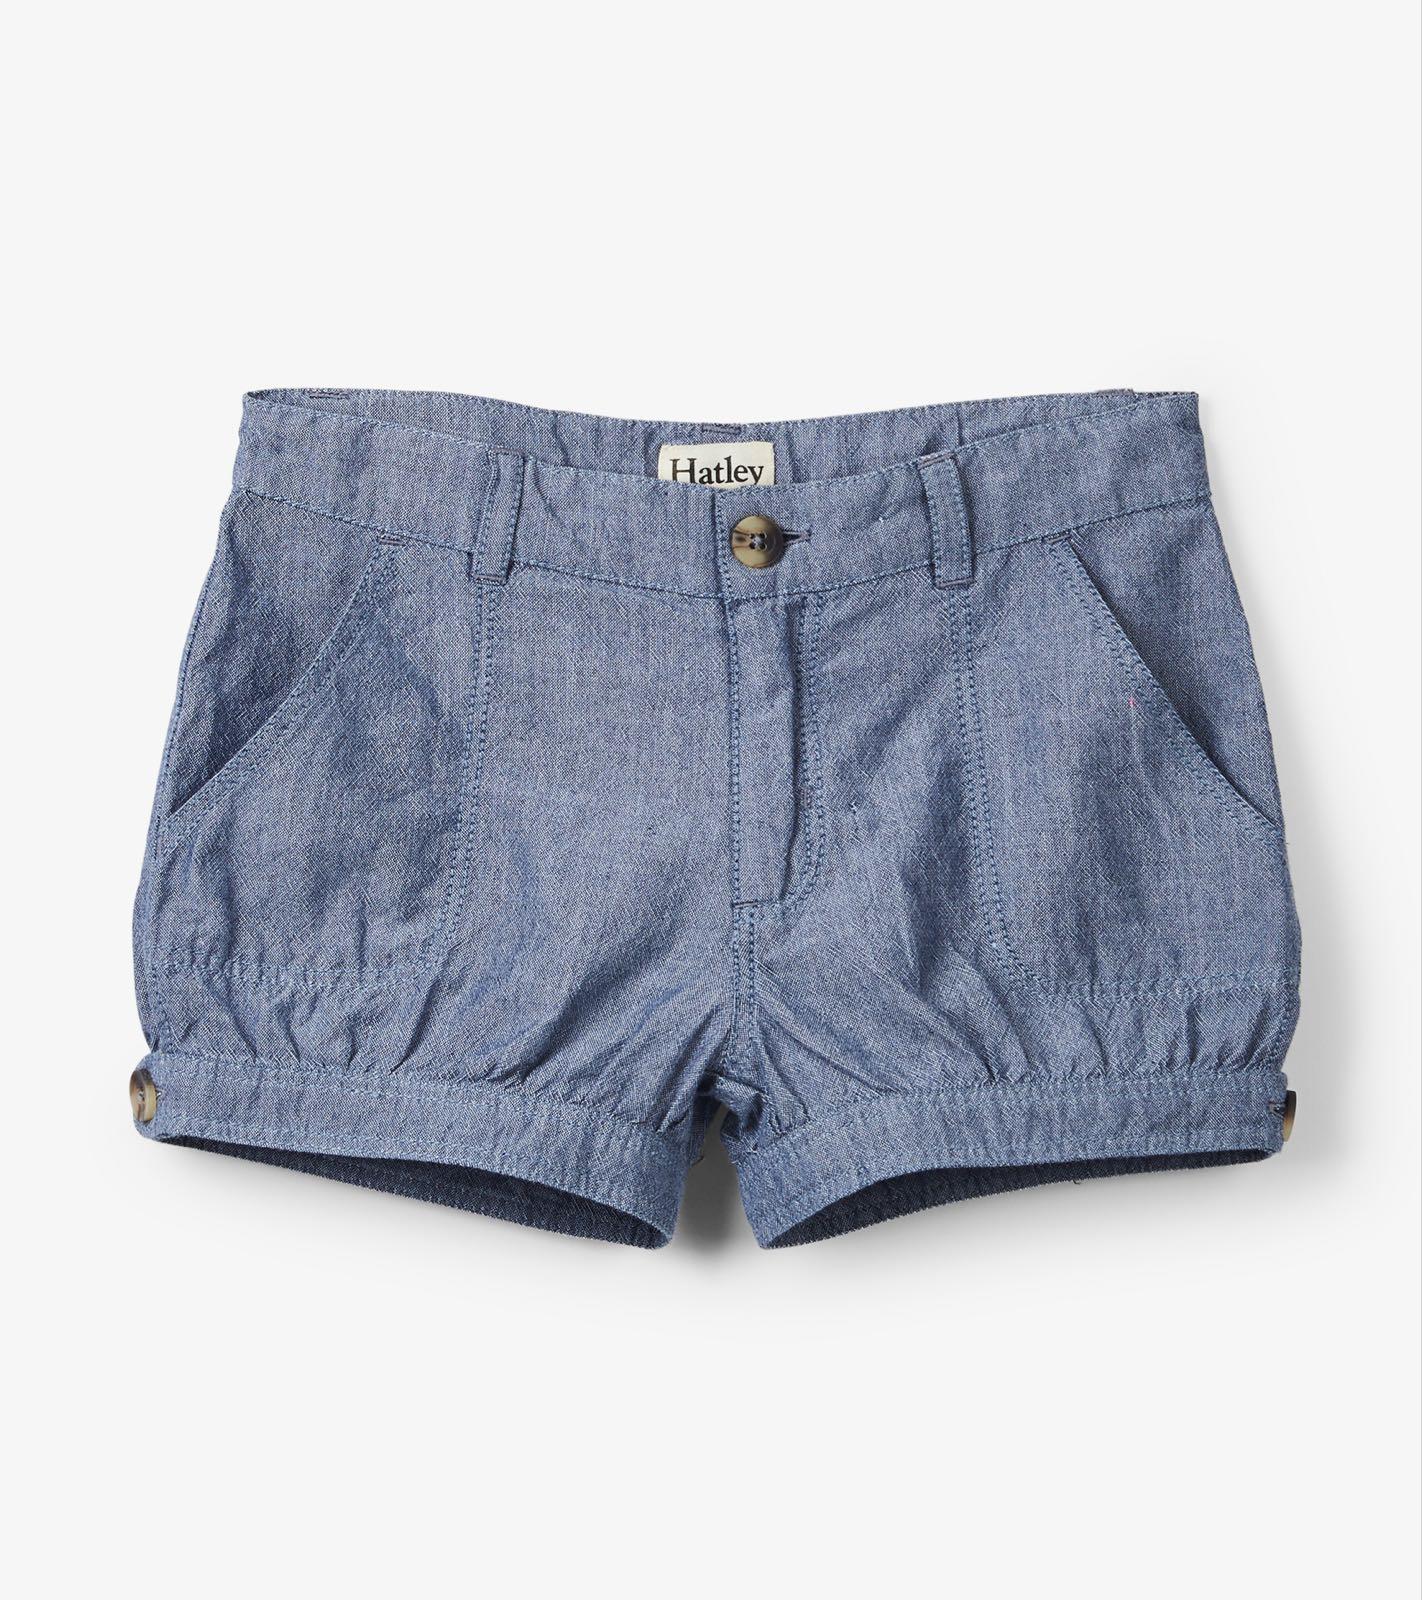 Hatley Chambray Bloomer Shorts